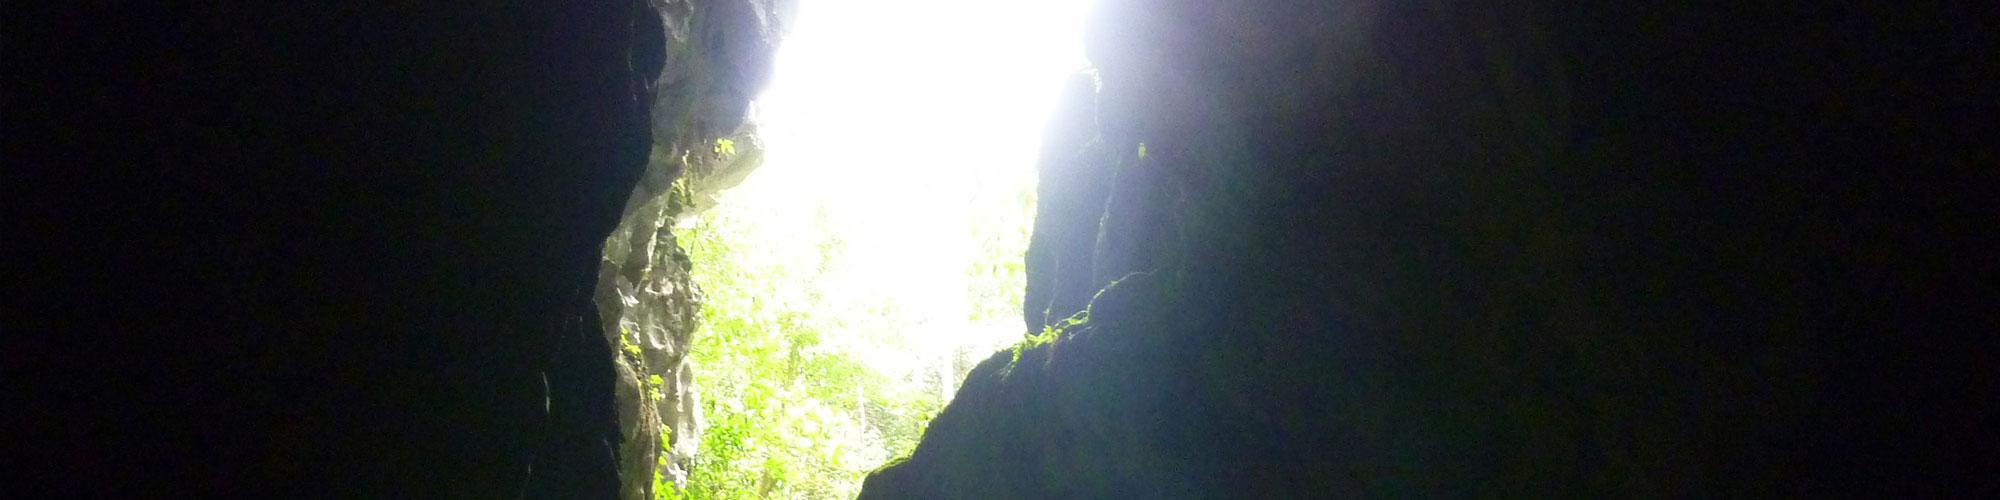 Tiger Cave in Belize